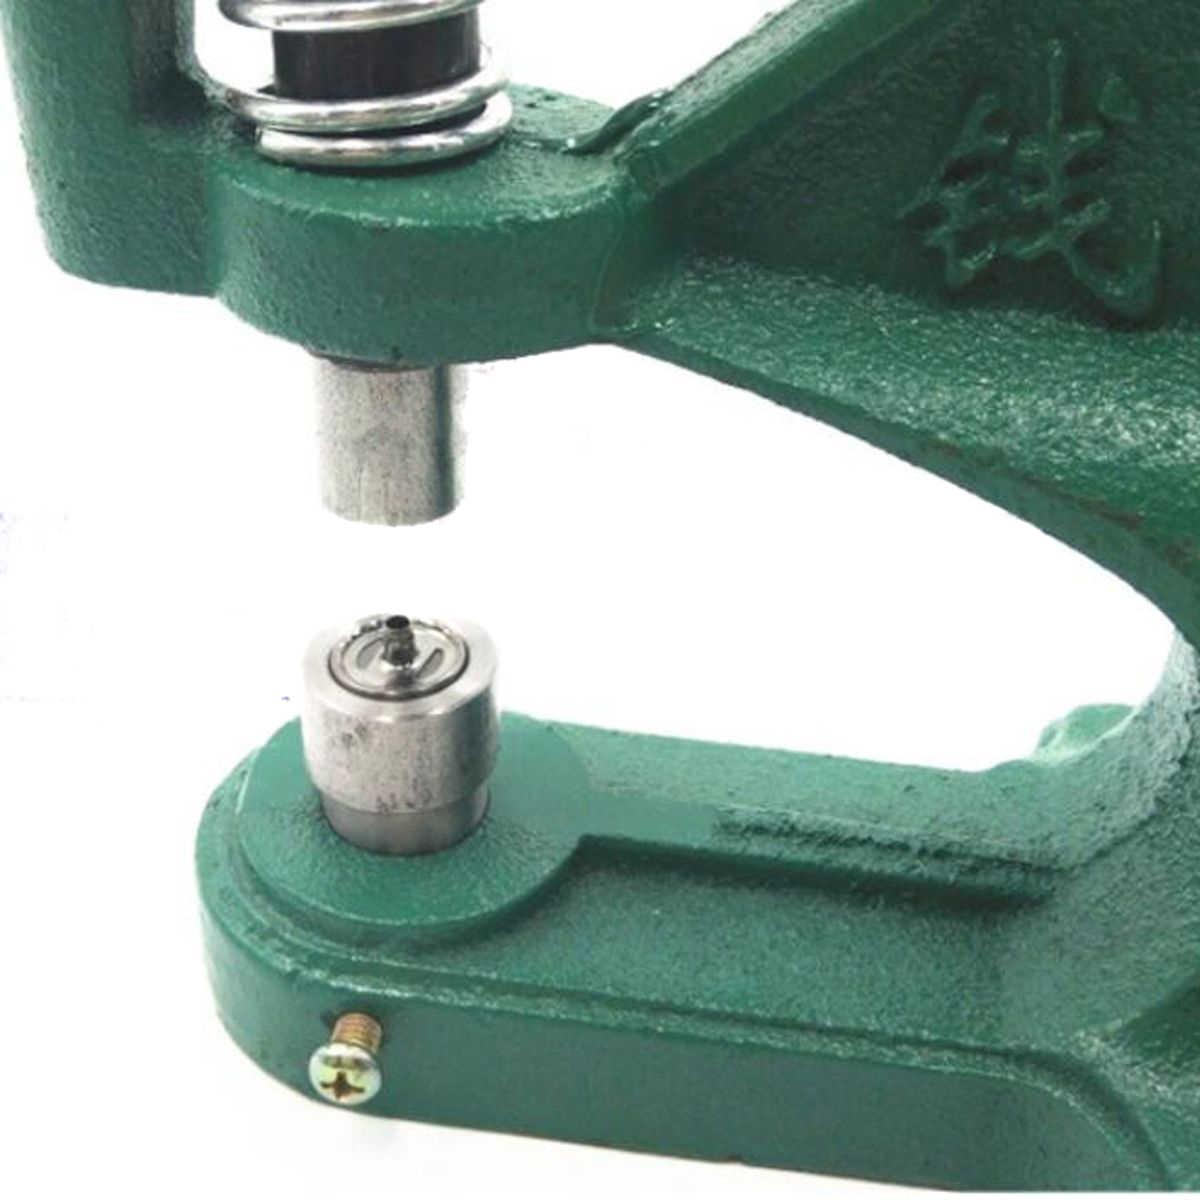 9.5-15 Mm Manual Cakar Terkunci Mati Gesper Logam Pemasangan Paku Keling Logam Terkunci. Mesin Press Cetakan Mati Tombol Instalasi